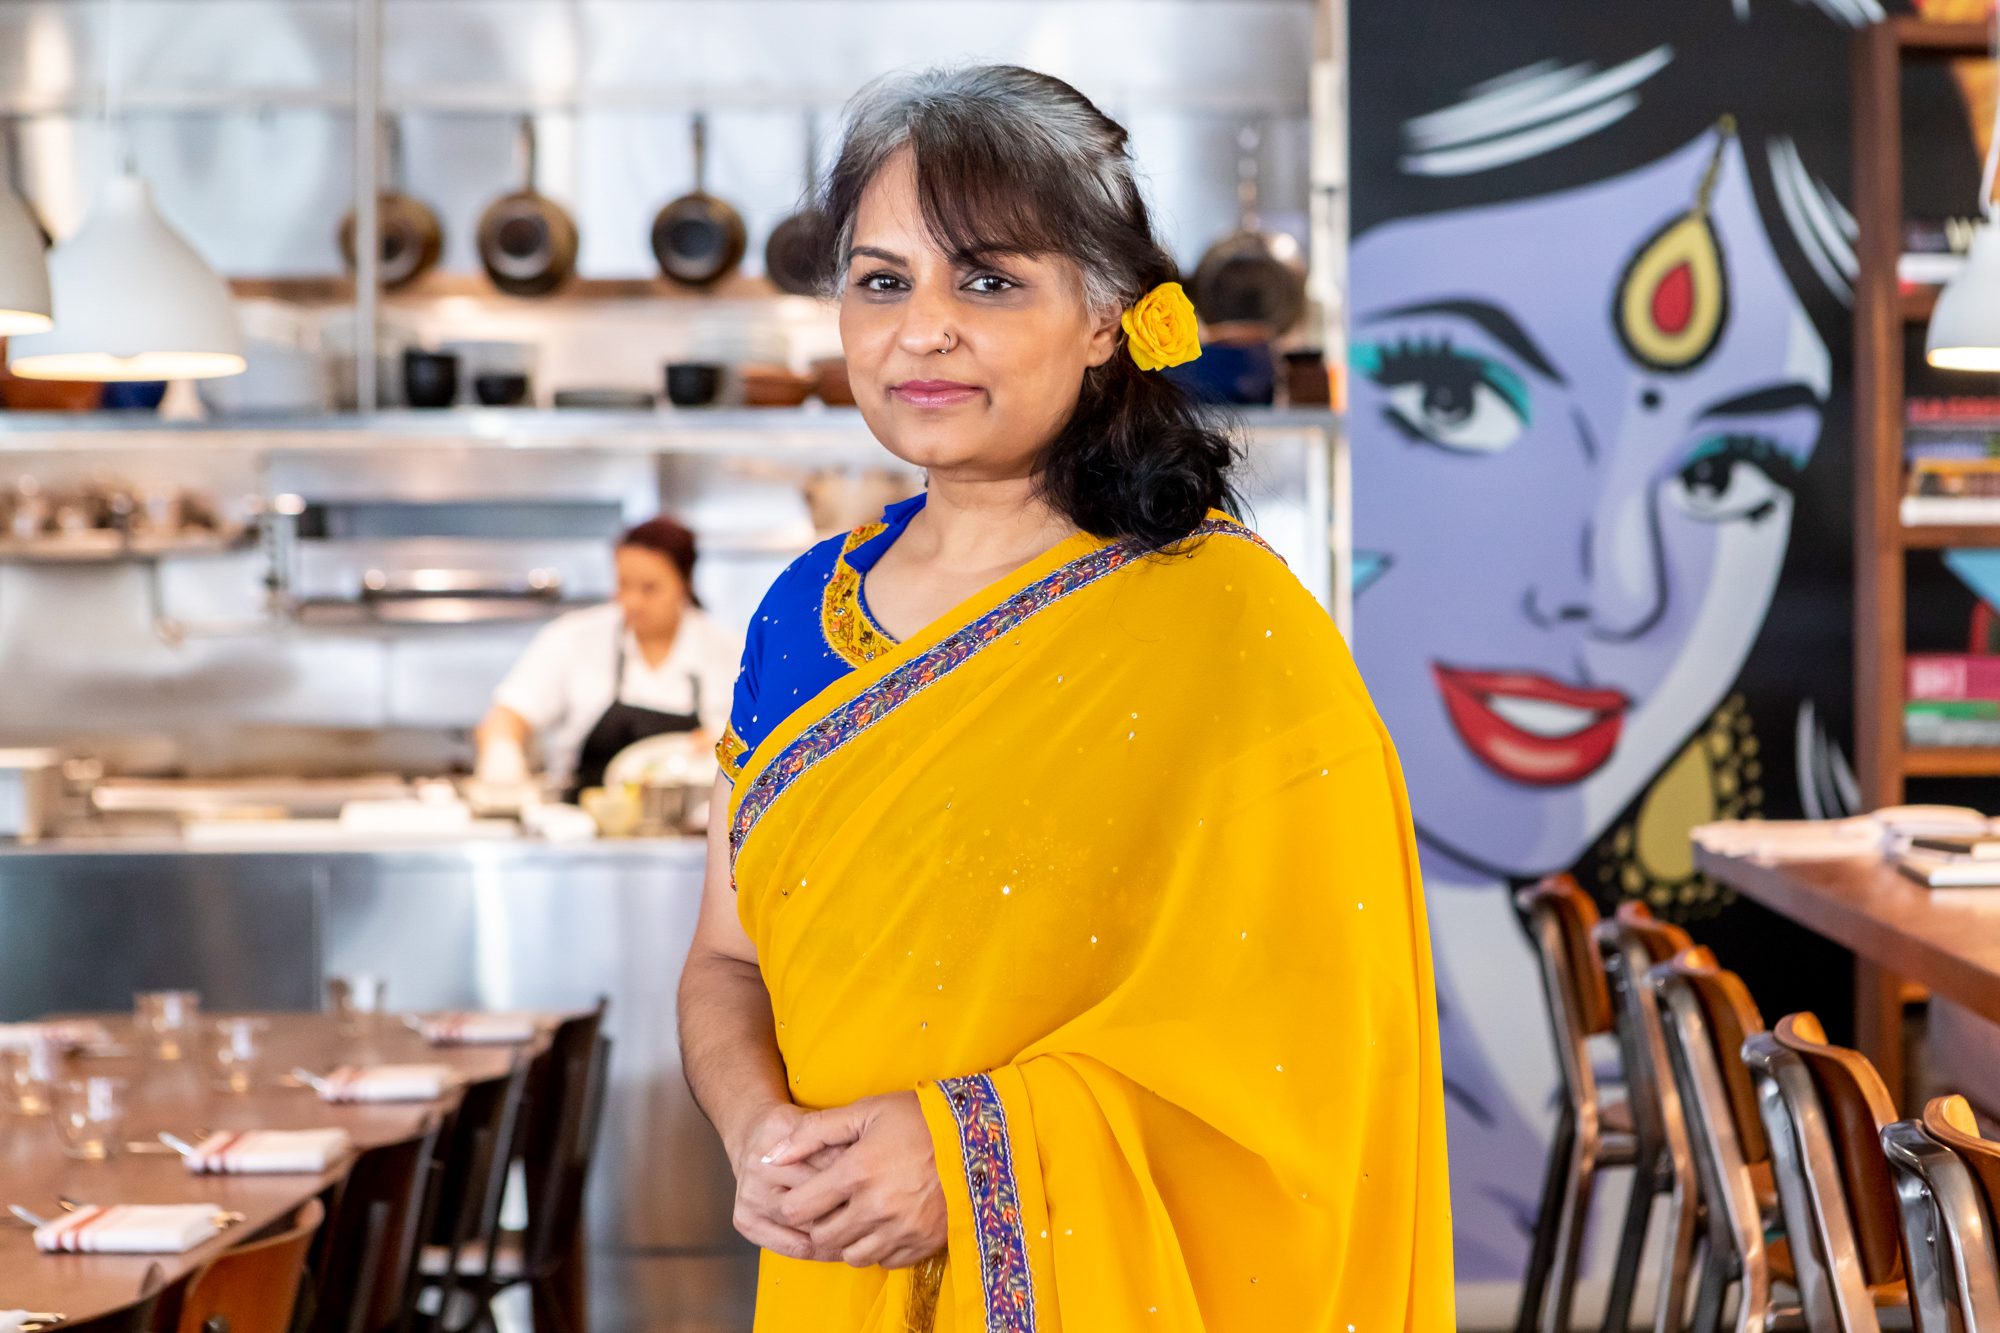 Chef Heena Patel at Besharam